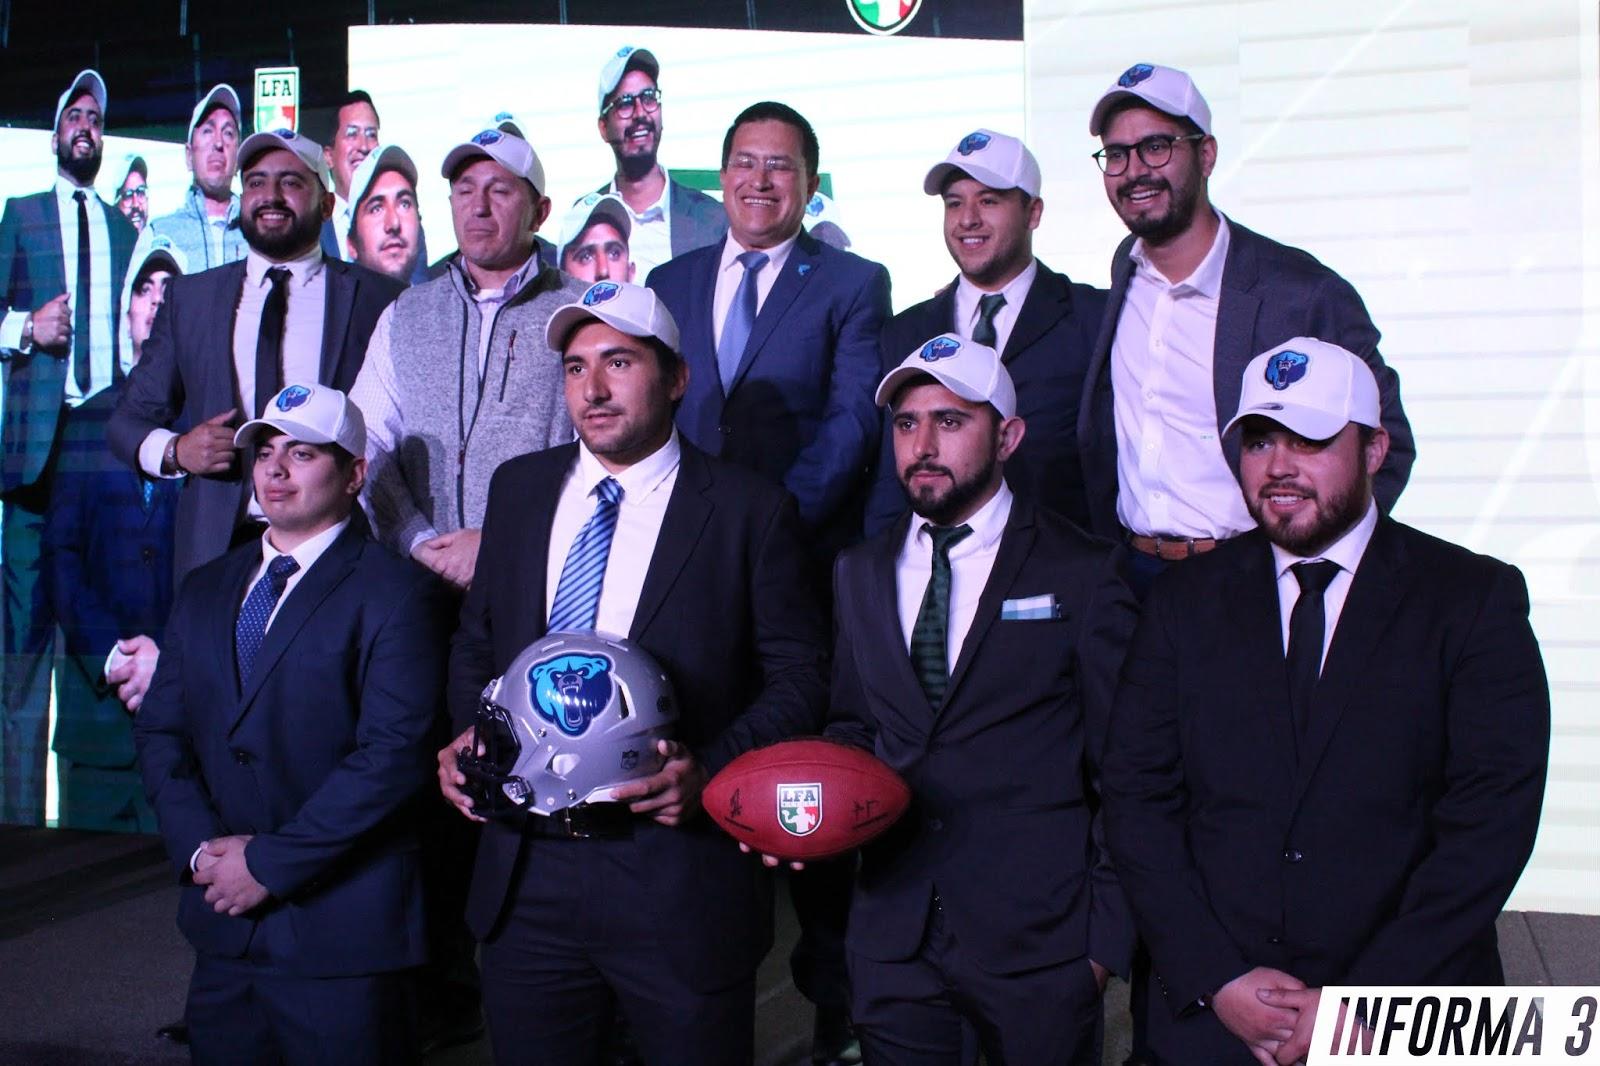 Jugadores seleccionados por Osos, Draft LFA 2019